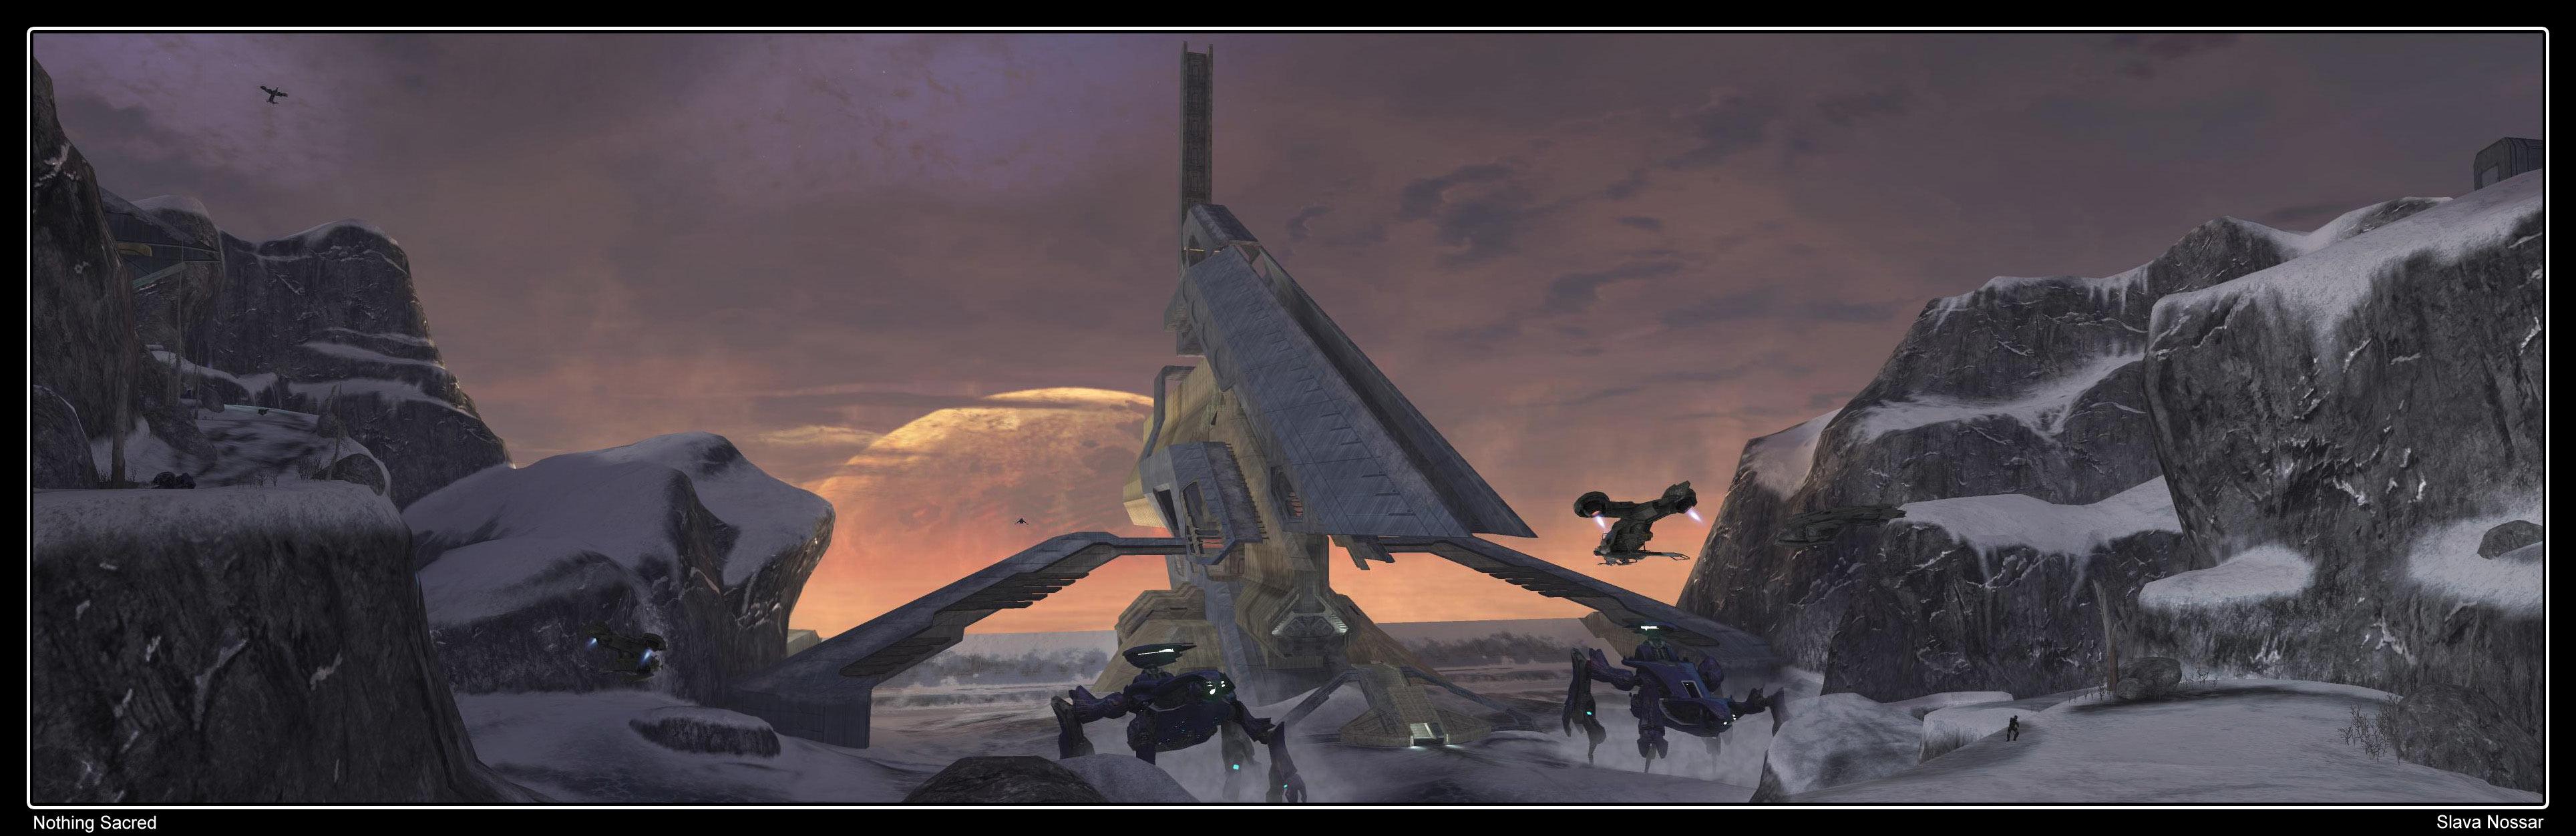 Halo 3 odst ma swatanie